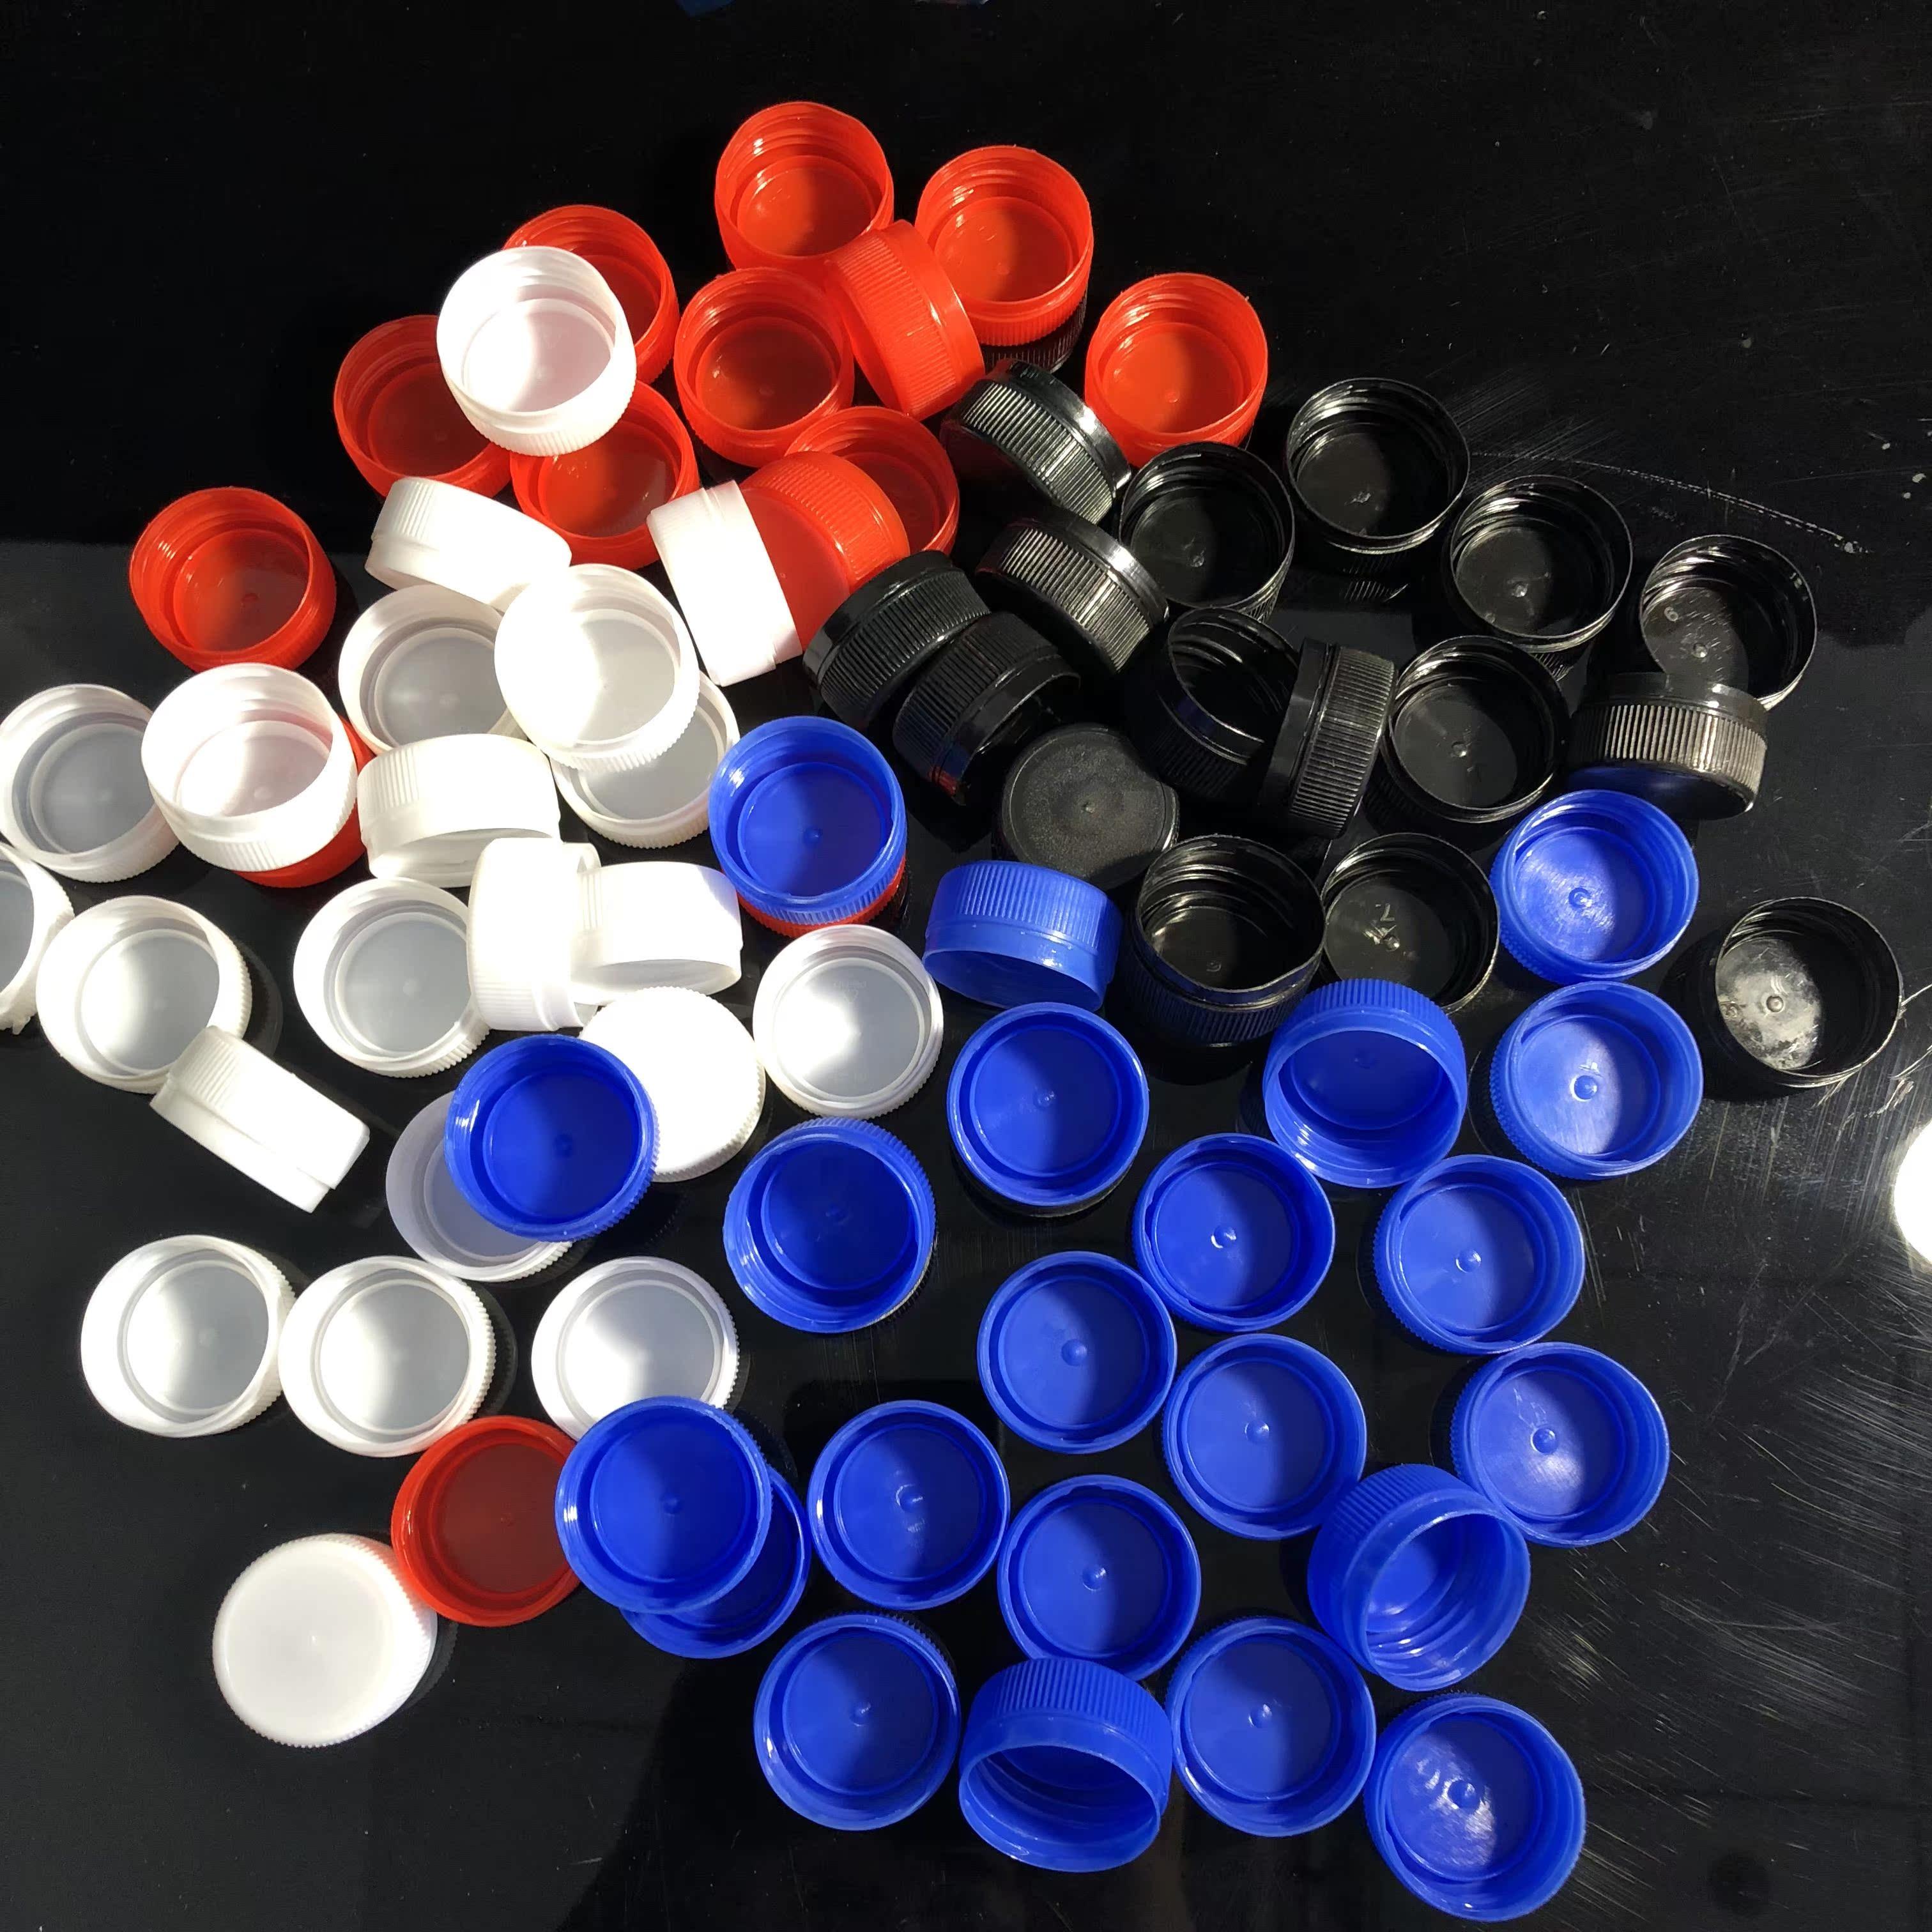 矿泉水瓶盖塑料瓶盖幼儿园彩色手工拼图盖娃哈哈瓶盖小口透明瓶